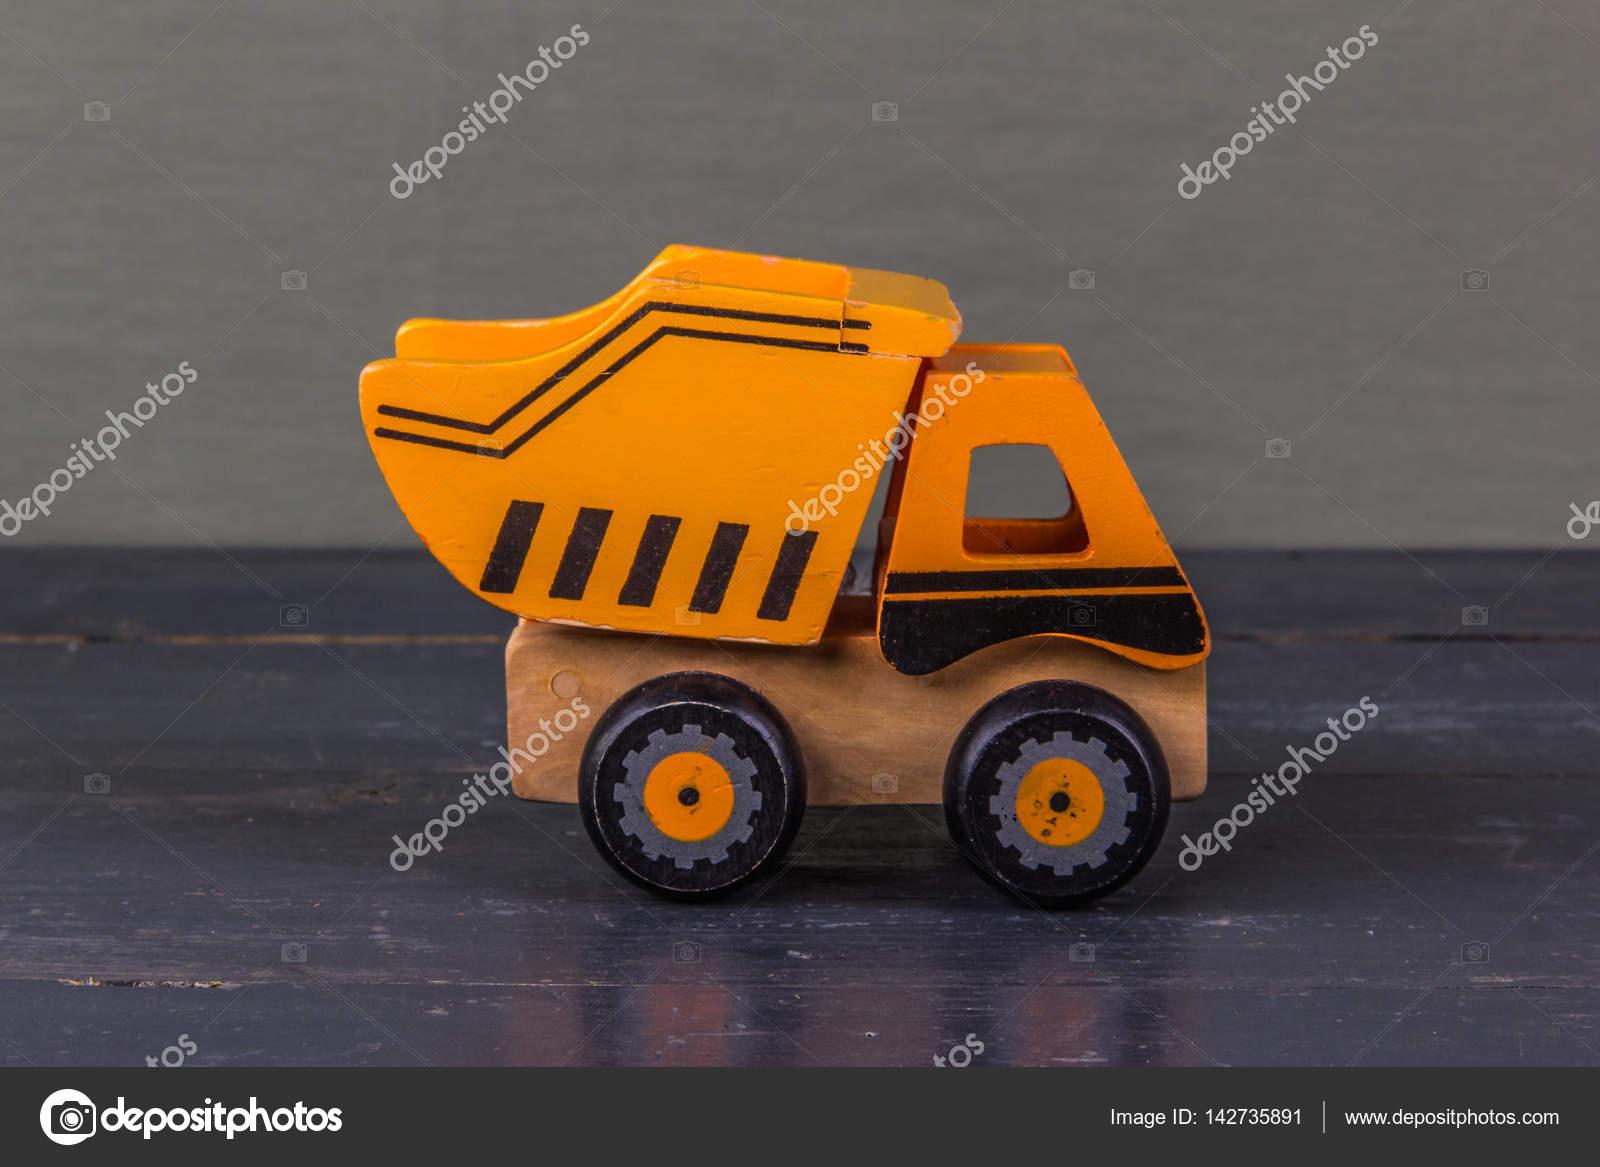 Drôle Jouet Orange Voiture En Bois Camion De 35ARqcjS4L